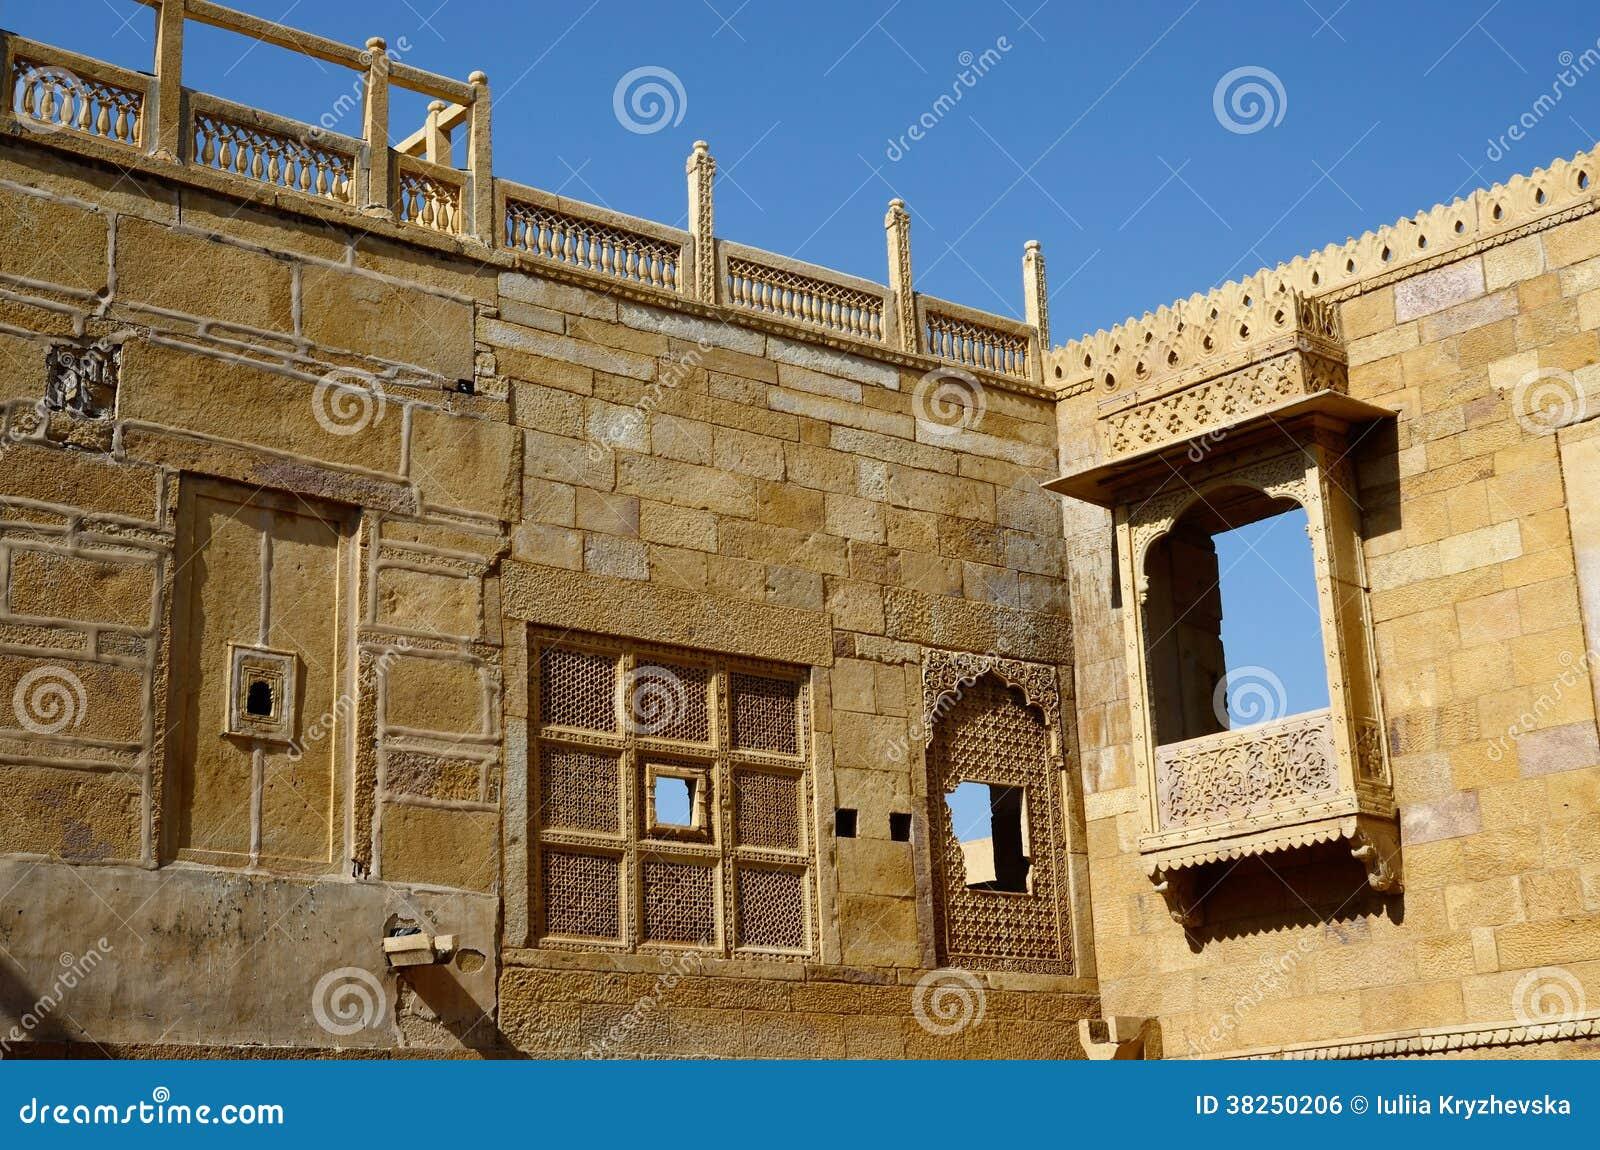 Arquitetura hindu tradicional do forte de Jaisalmer, Índia